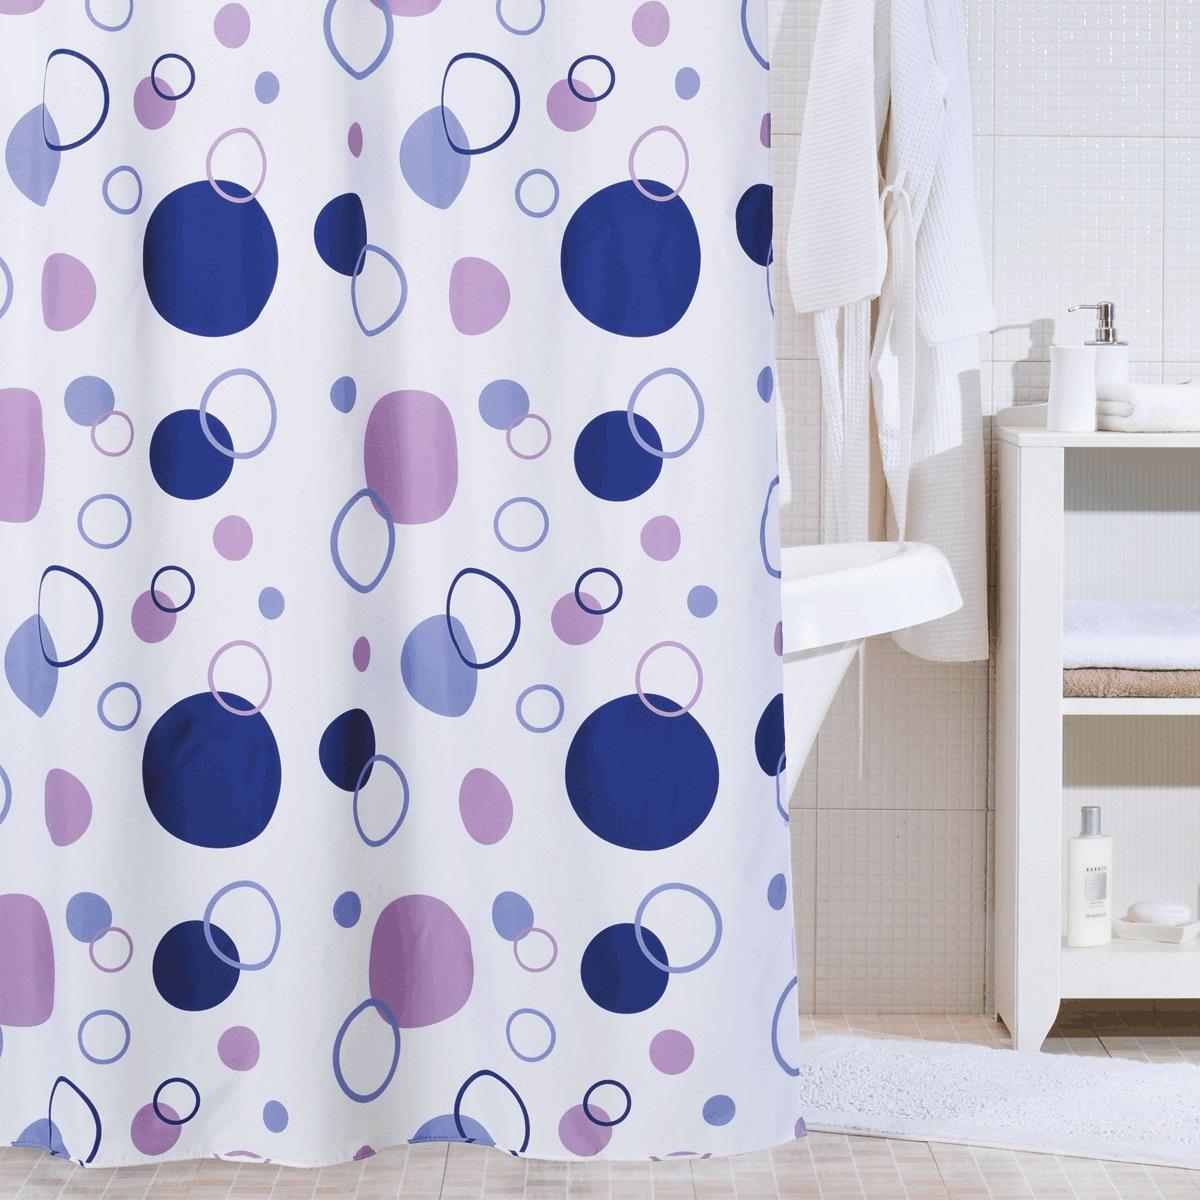 Штора для ванной Iddis Floating Balloon, цвет: мультиколор, 200 x 240 см240P24RI11Штора для ванной комнаты Iddis выполнена из быстросохнущего материала - 100% полиэстера, что обеспечивает прочность изделия и легкость ухода за ним.Материал шторы пропитан специальным водоотталкивающим составом Waterprof.Изделие изготовлено из экологически-чистого материала, оно обладает высокой степенью гигиеничности, не вызывает аллергических реакций.Штора имеет 12 металлических люверсов и утяжеляющую нить. В комплекте: штора и кольца.